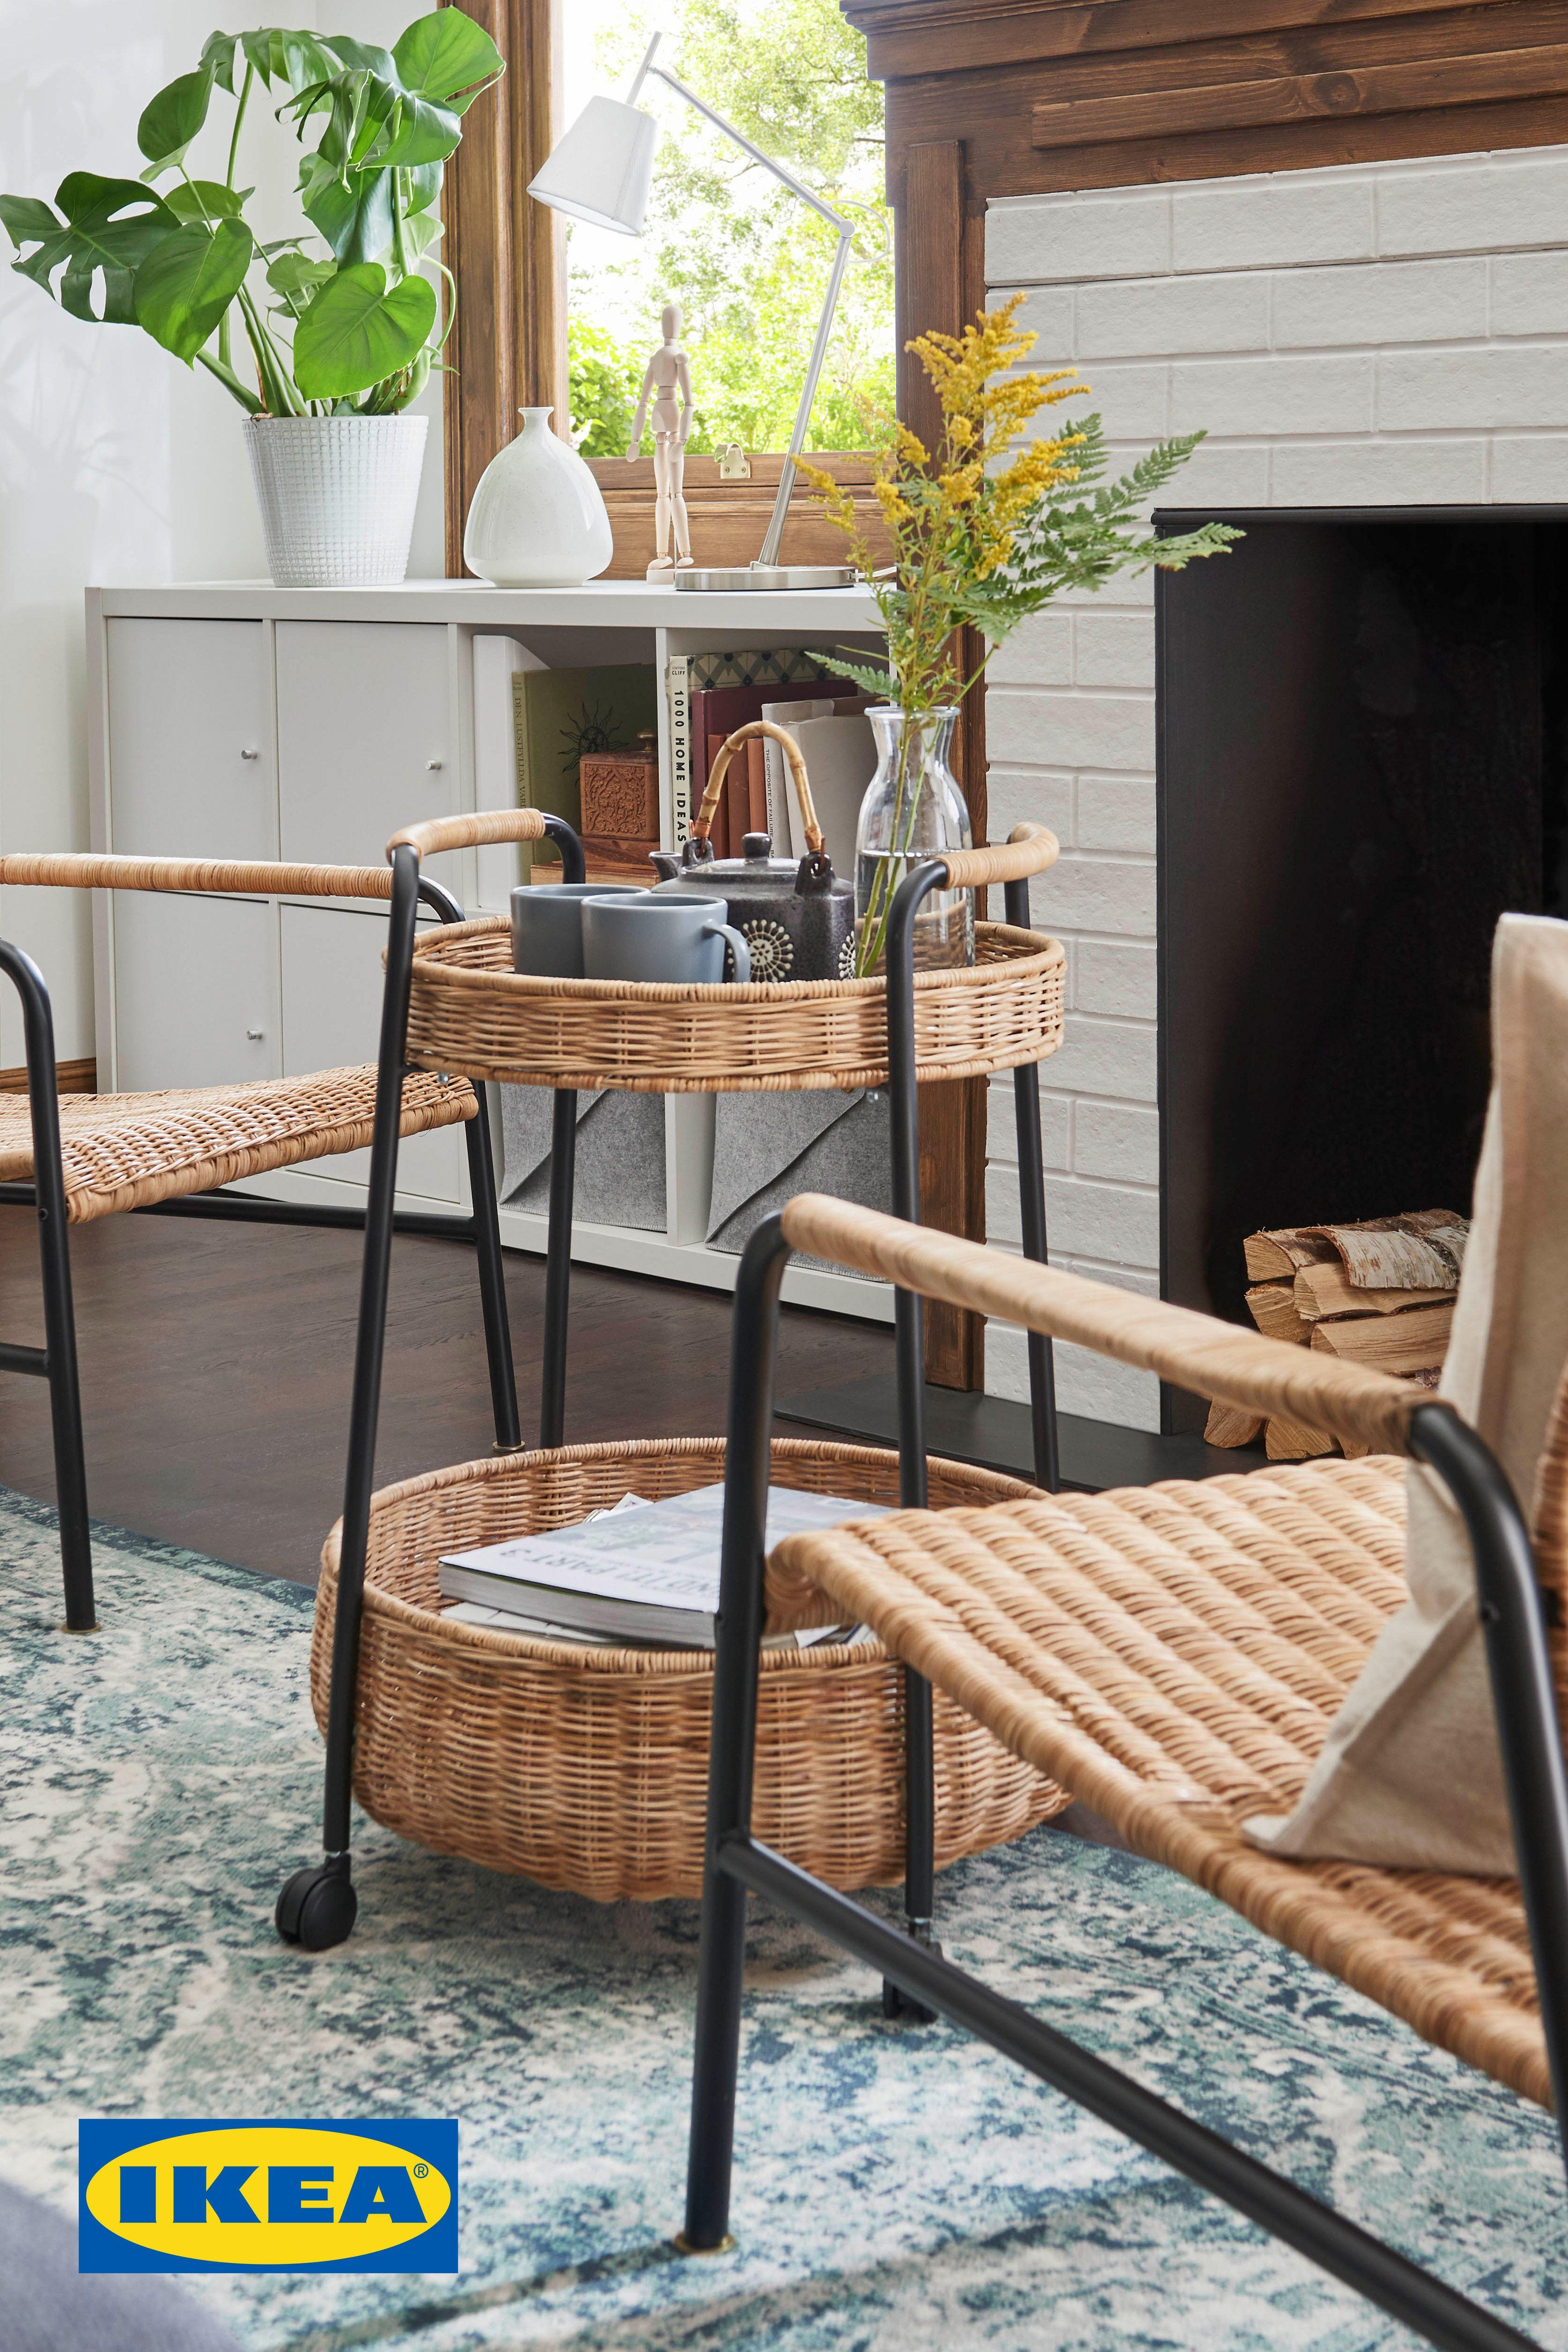 ulriksberg fauteuil rotinanthracite  ikea  apartment